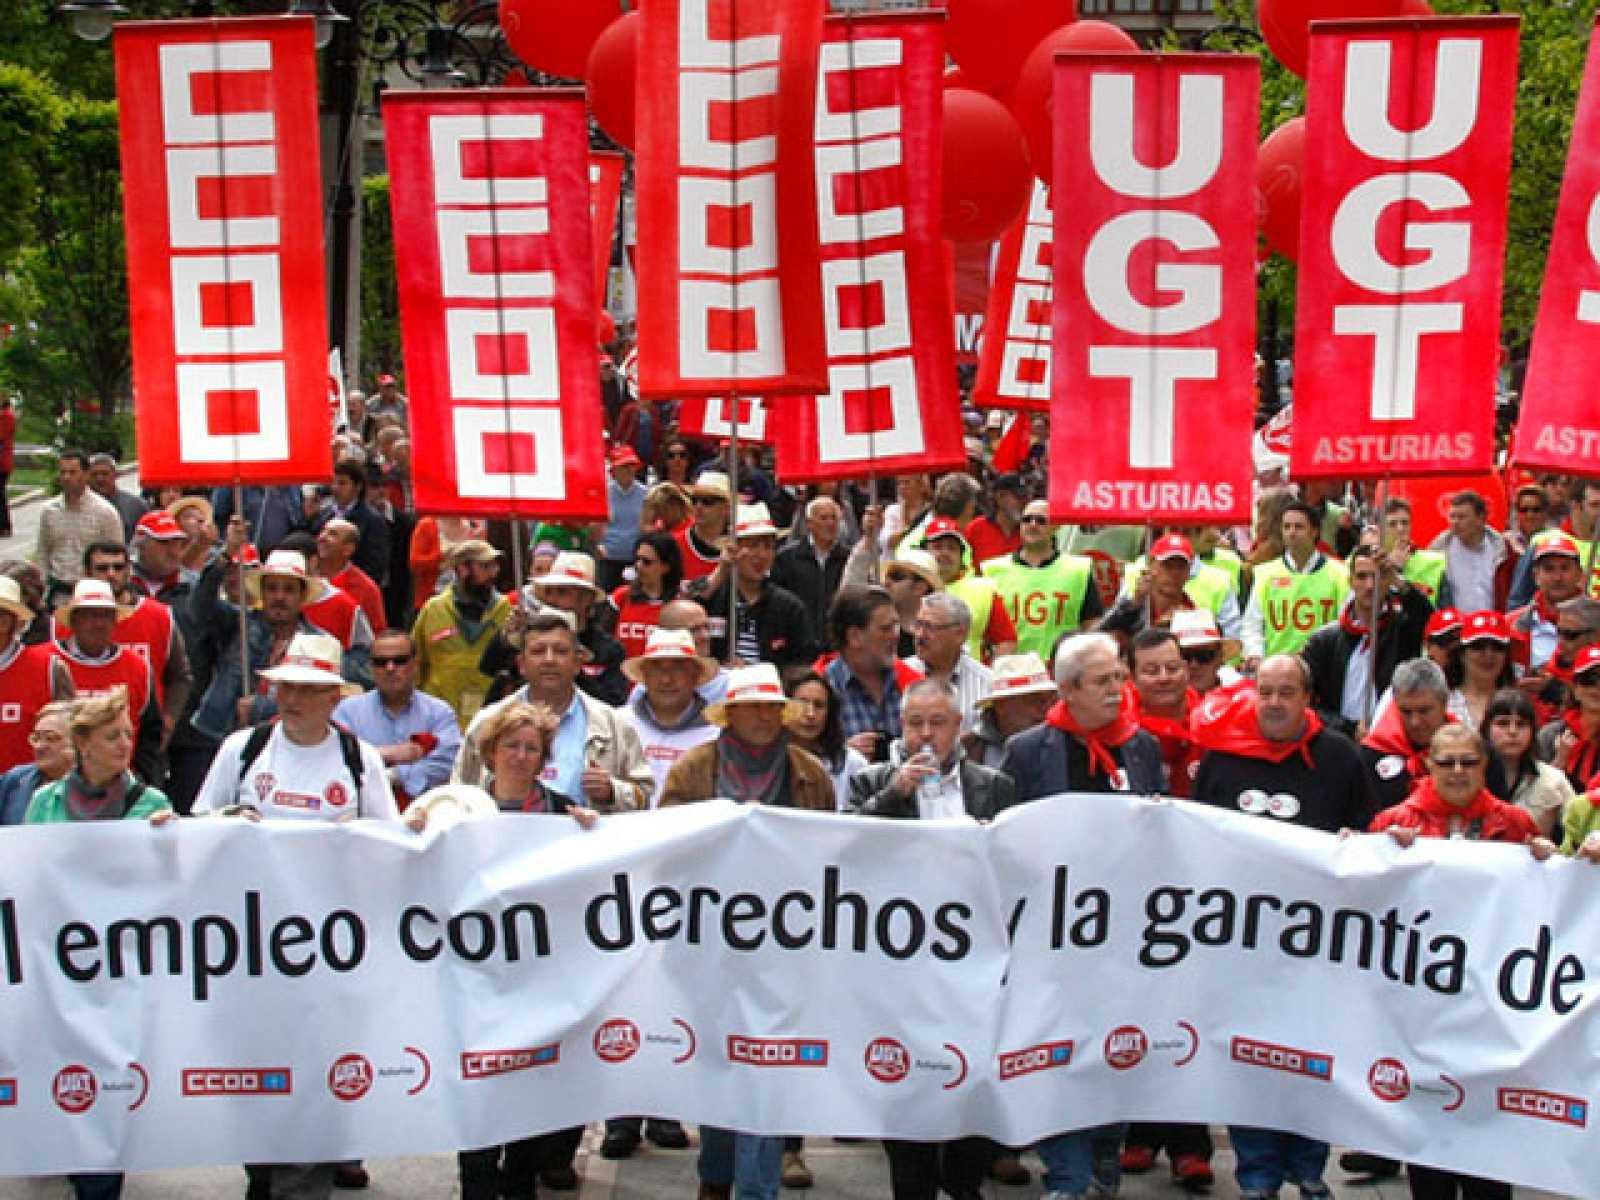 UGT y CCOO piden empleo de calidad y rechazan los recortes sociales contra la crisis